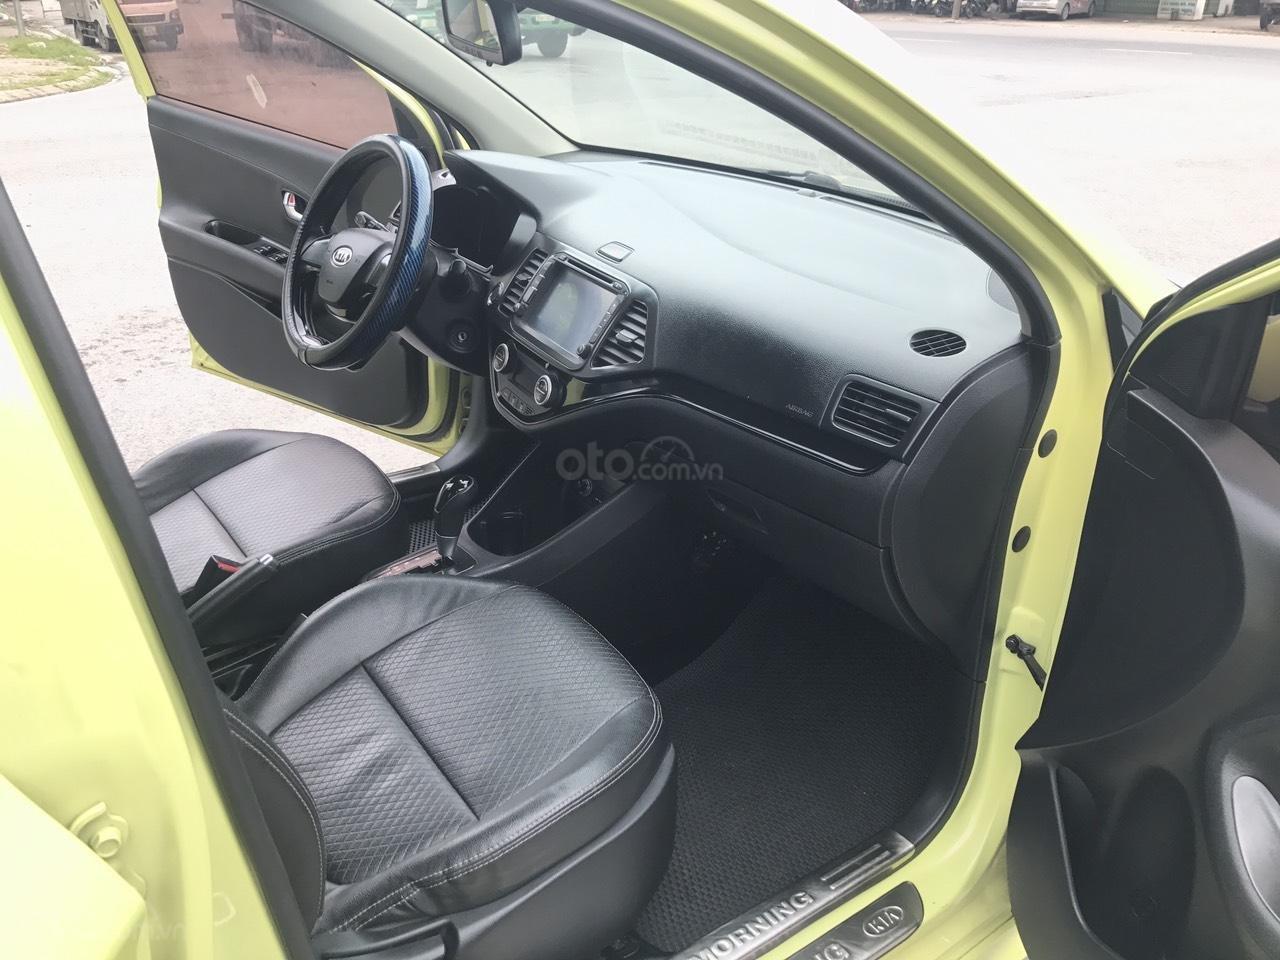 Kia Morning 1.0AT Sport cuối 2011 vàng chanh, 1 chủ, không mới, không đẹp, không chất tặng xe luôn, đẹp nhất thị trường (6)